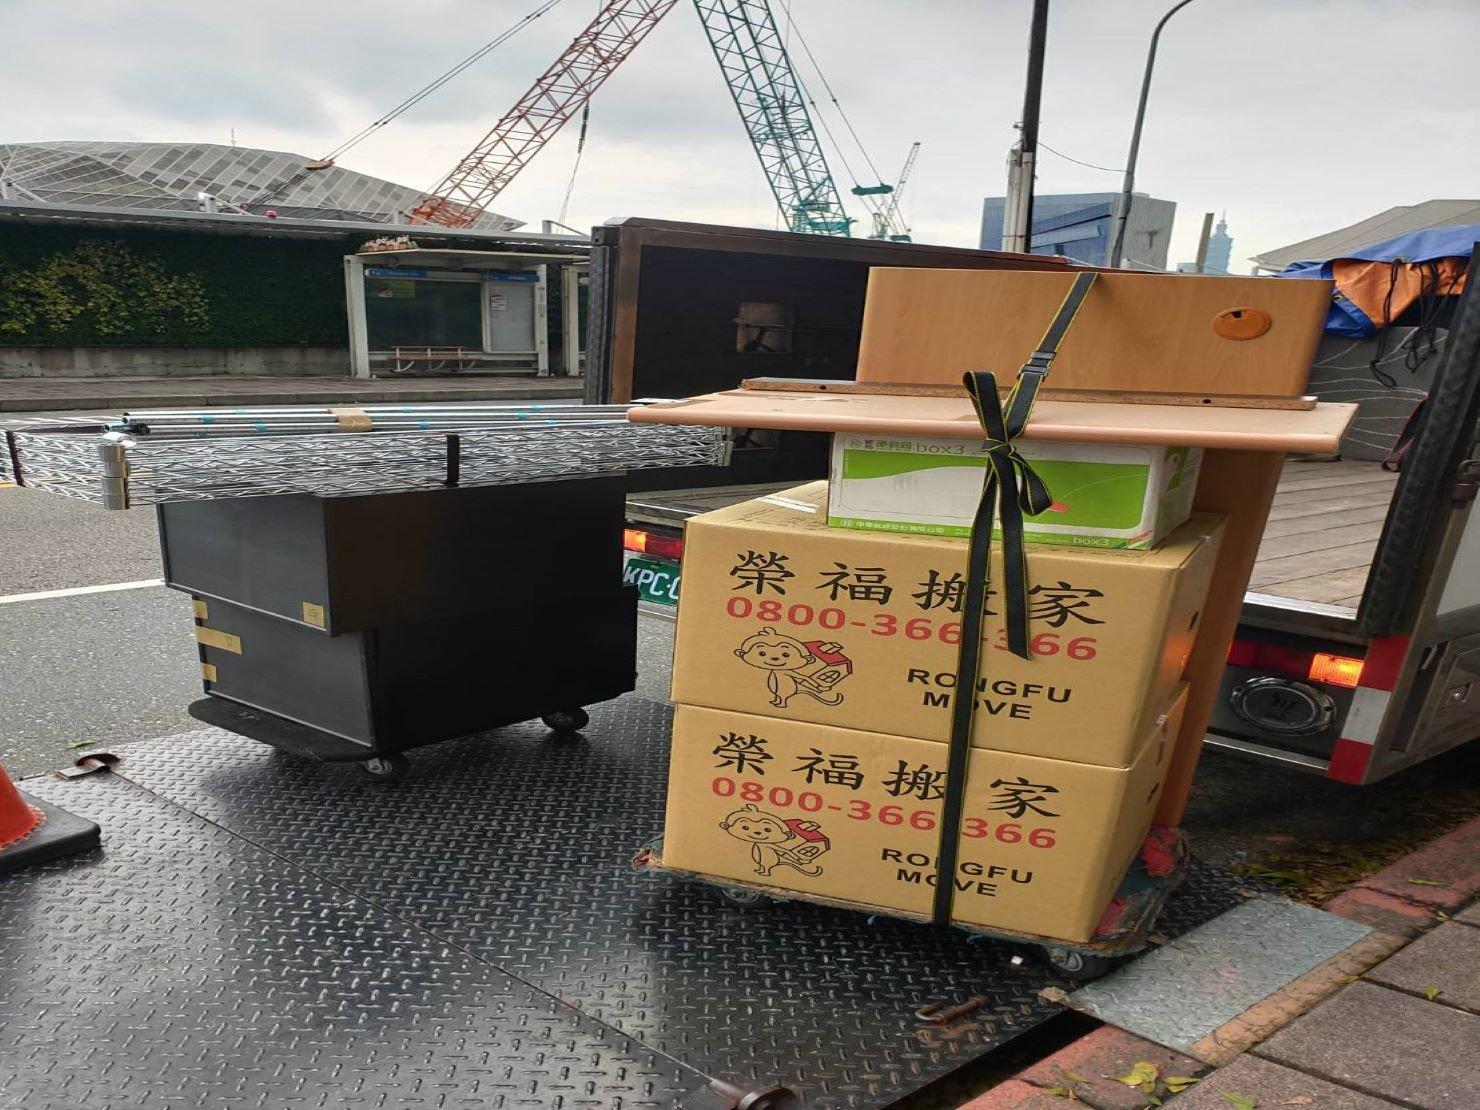 公司搬遷【榮福搬家】搬公司給您最有優質搬家、最安全的搬運服務:鐡架打包上貨車